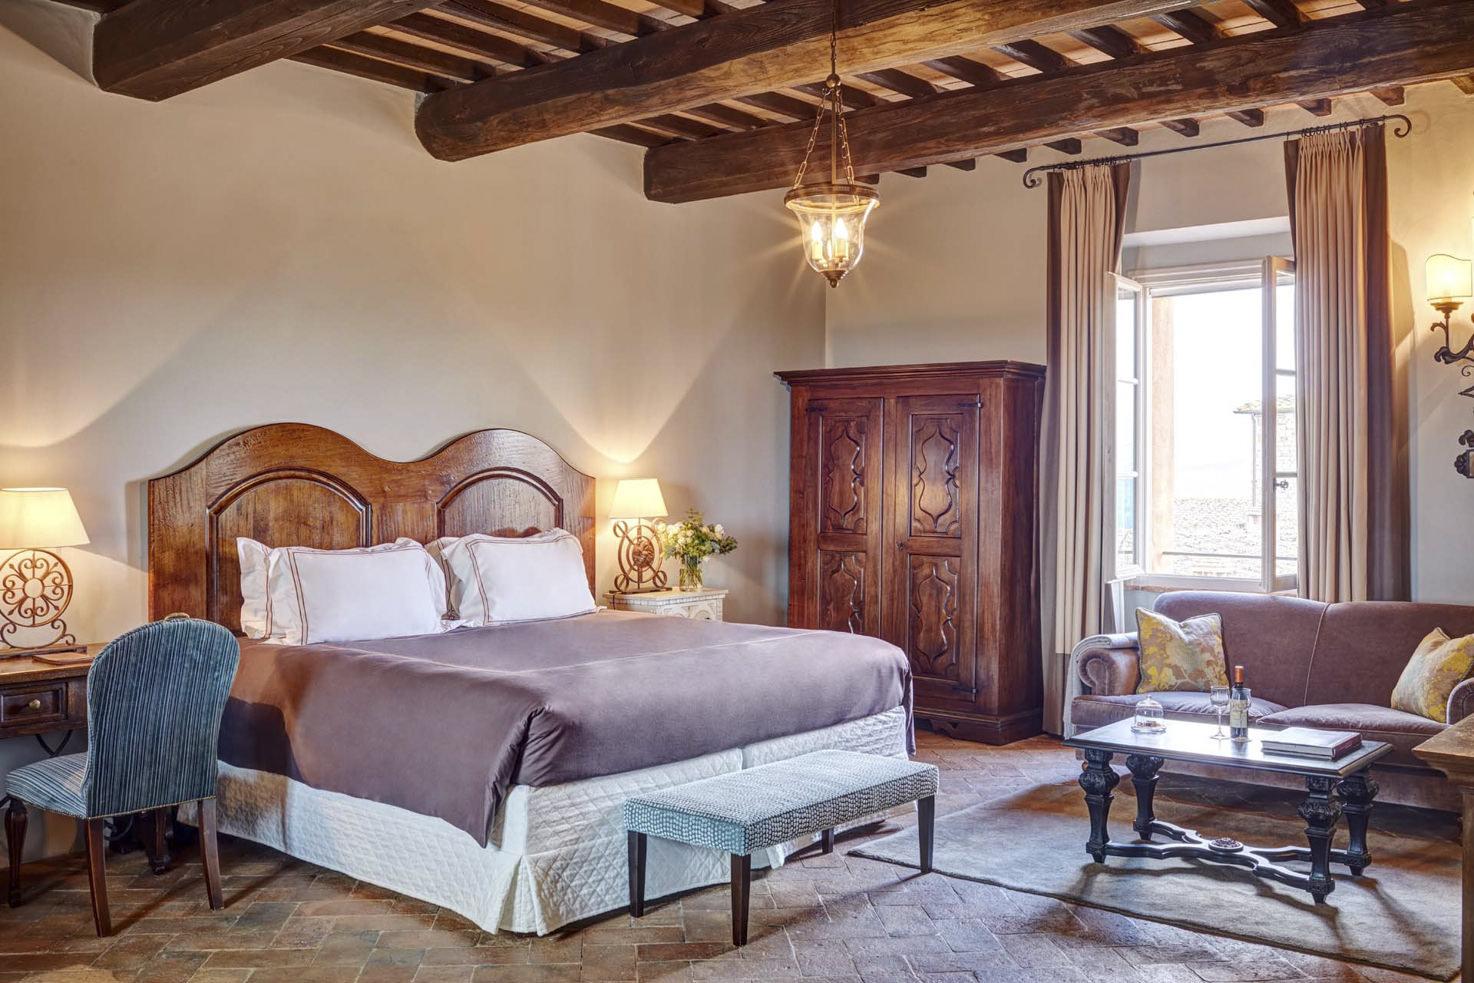 Suite at Castello di Casole